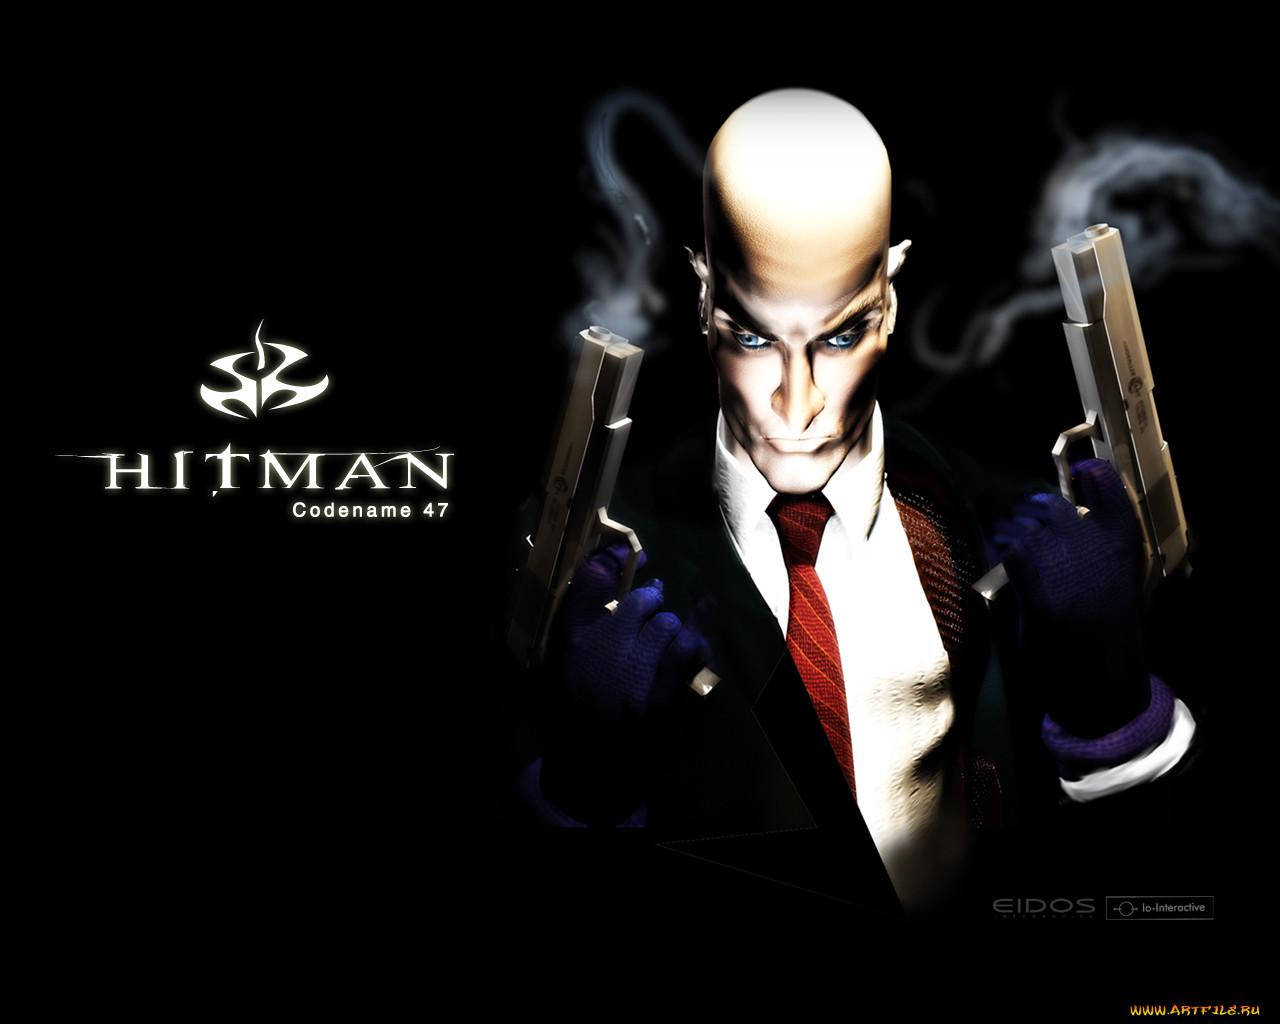 Hitman Codename 47 Видео Игры Hitman Codename 47.